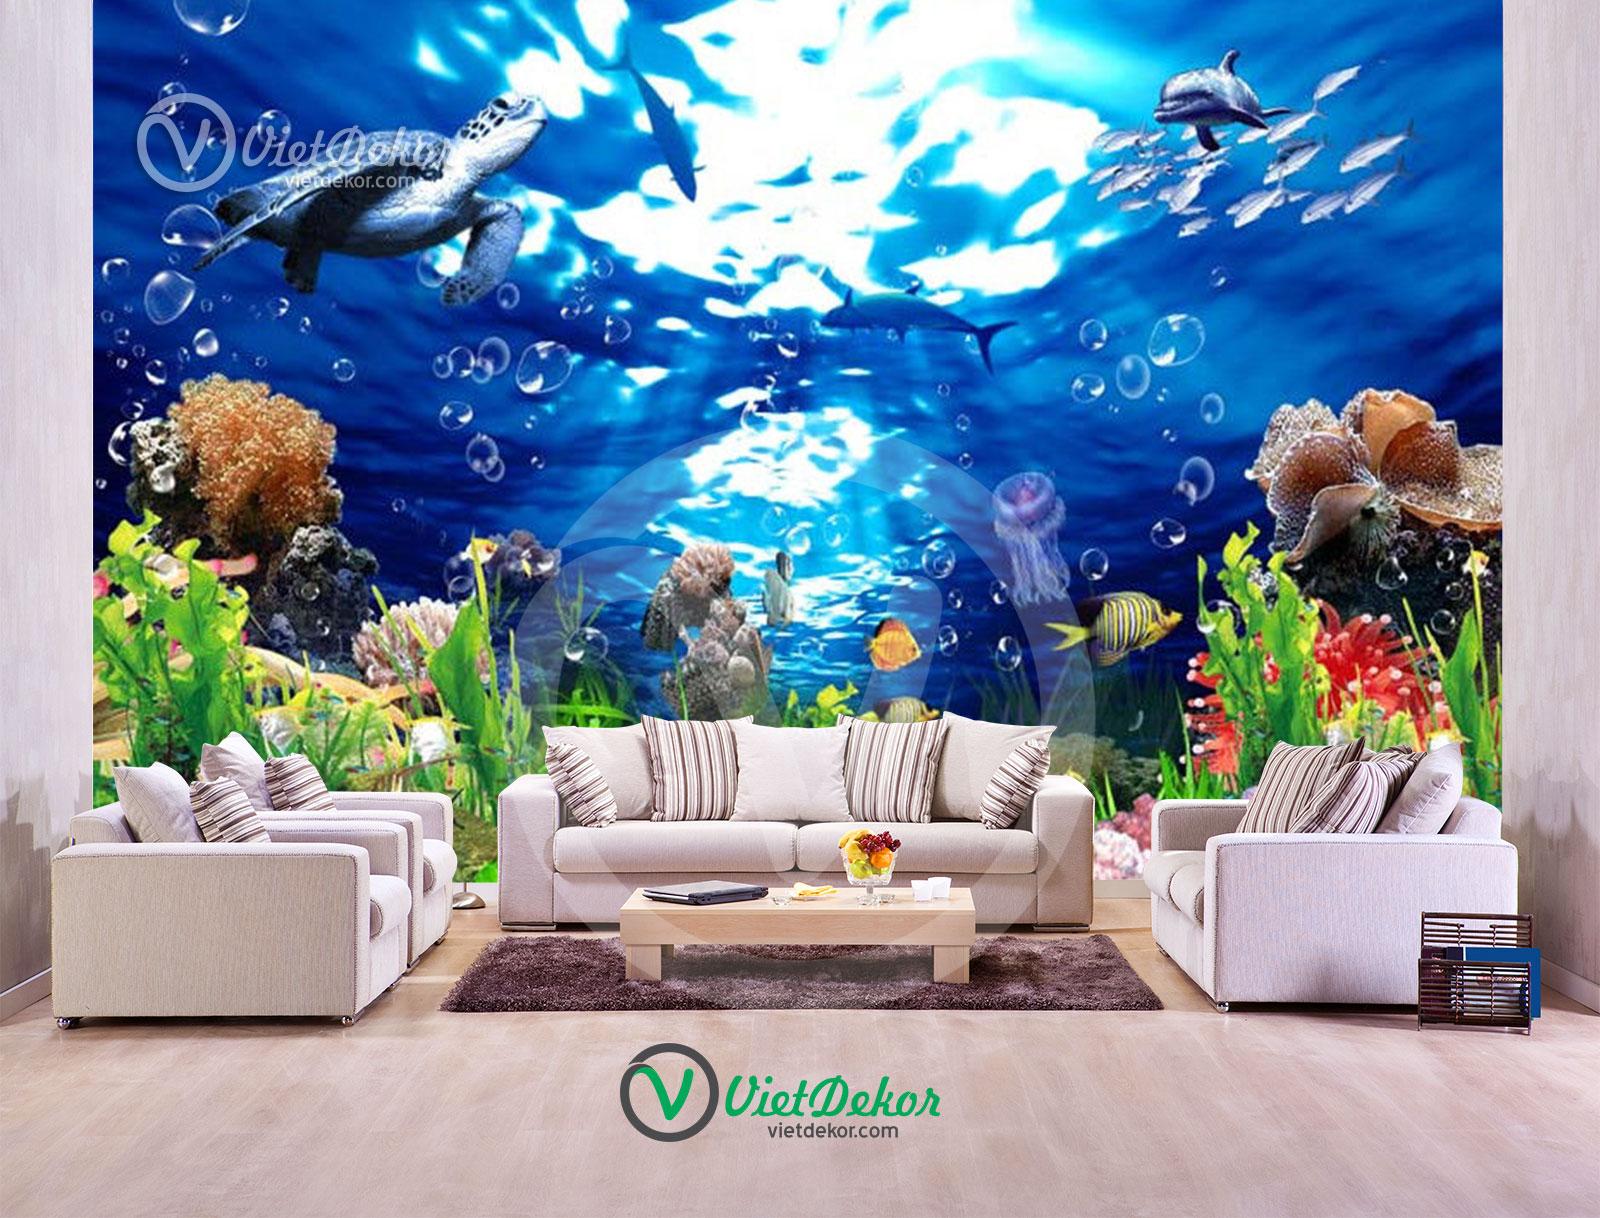 Tranh 3d đan tường phong cảnh dưới biển